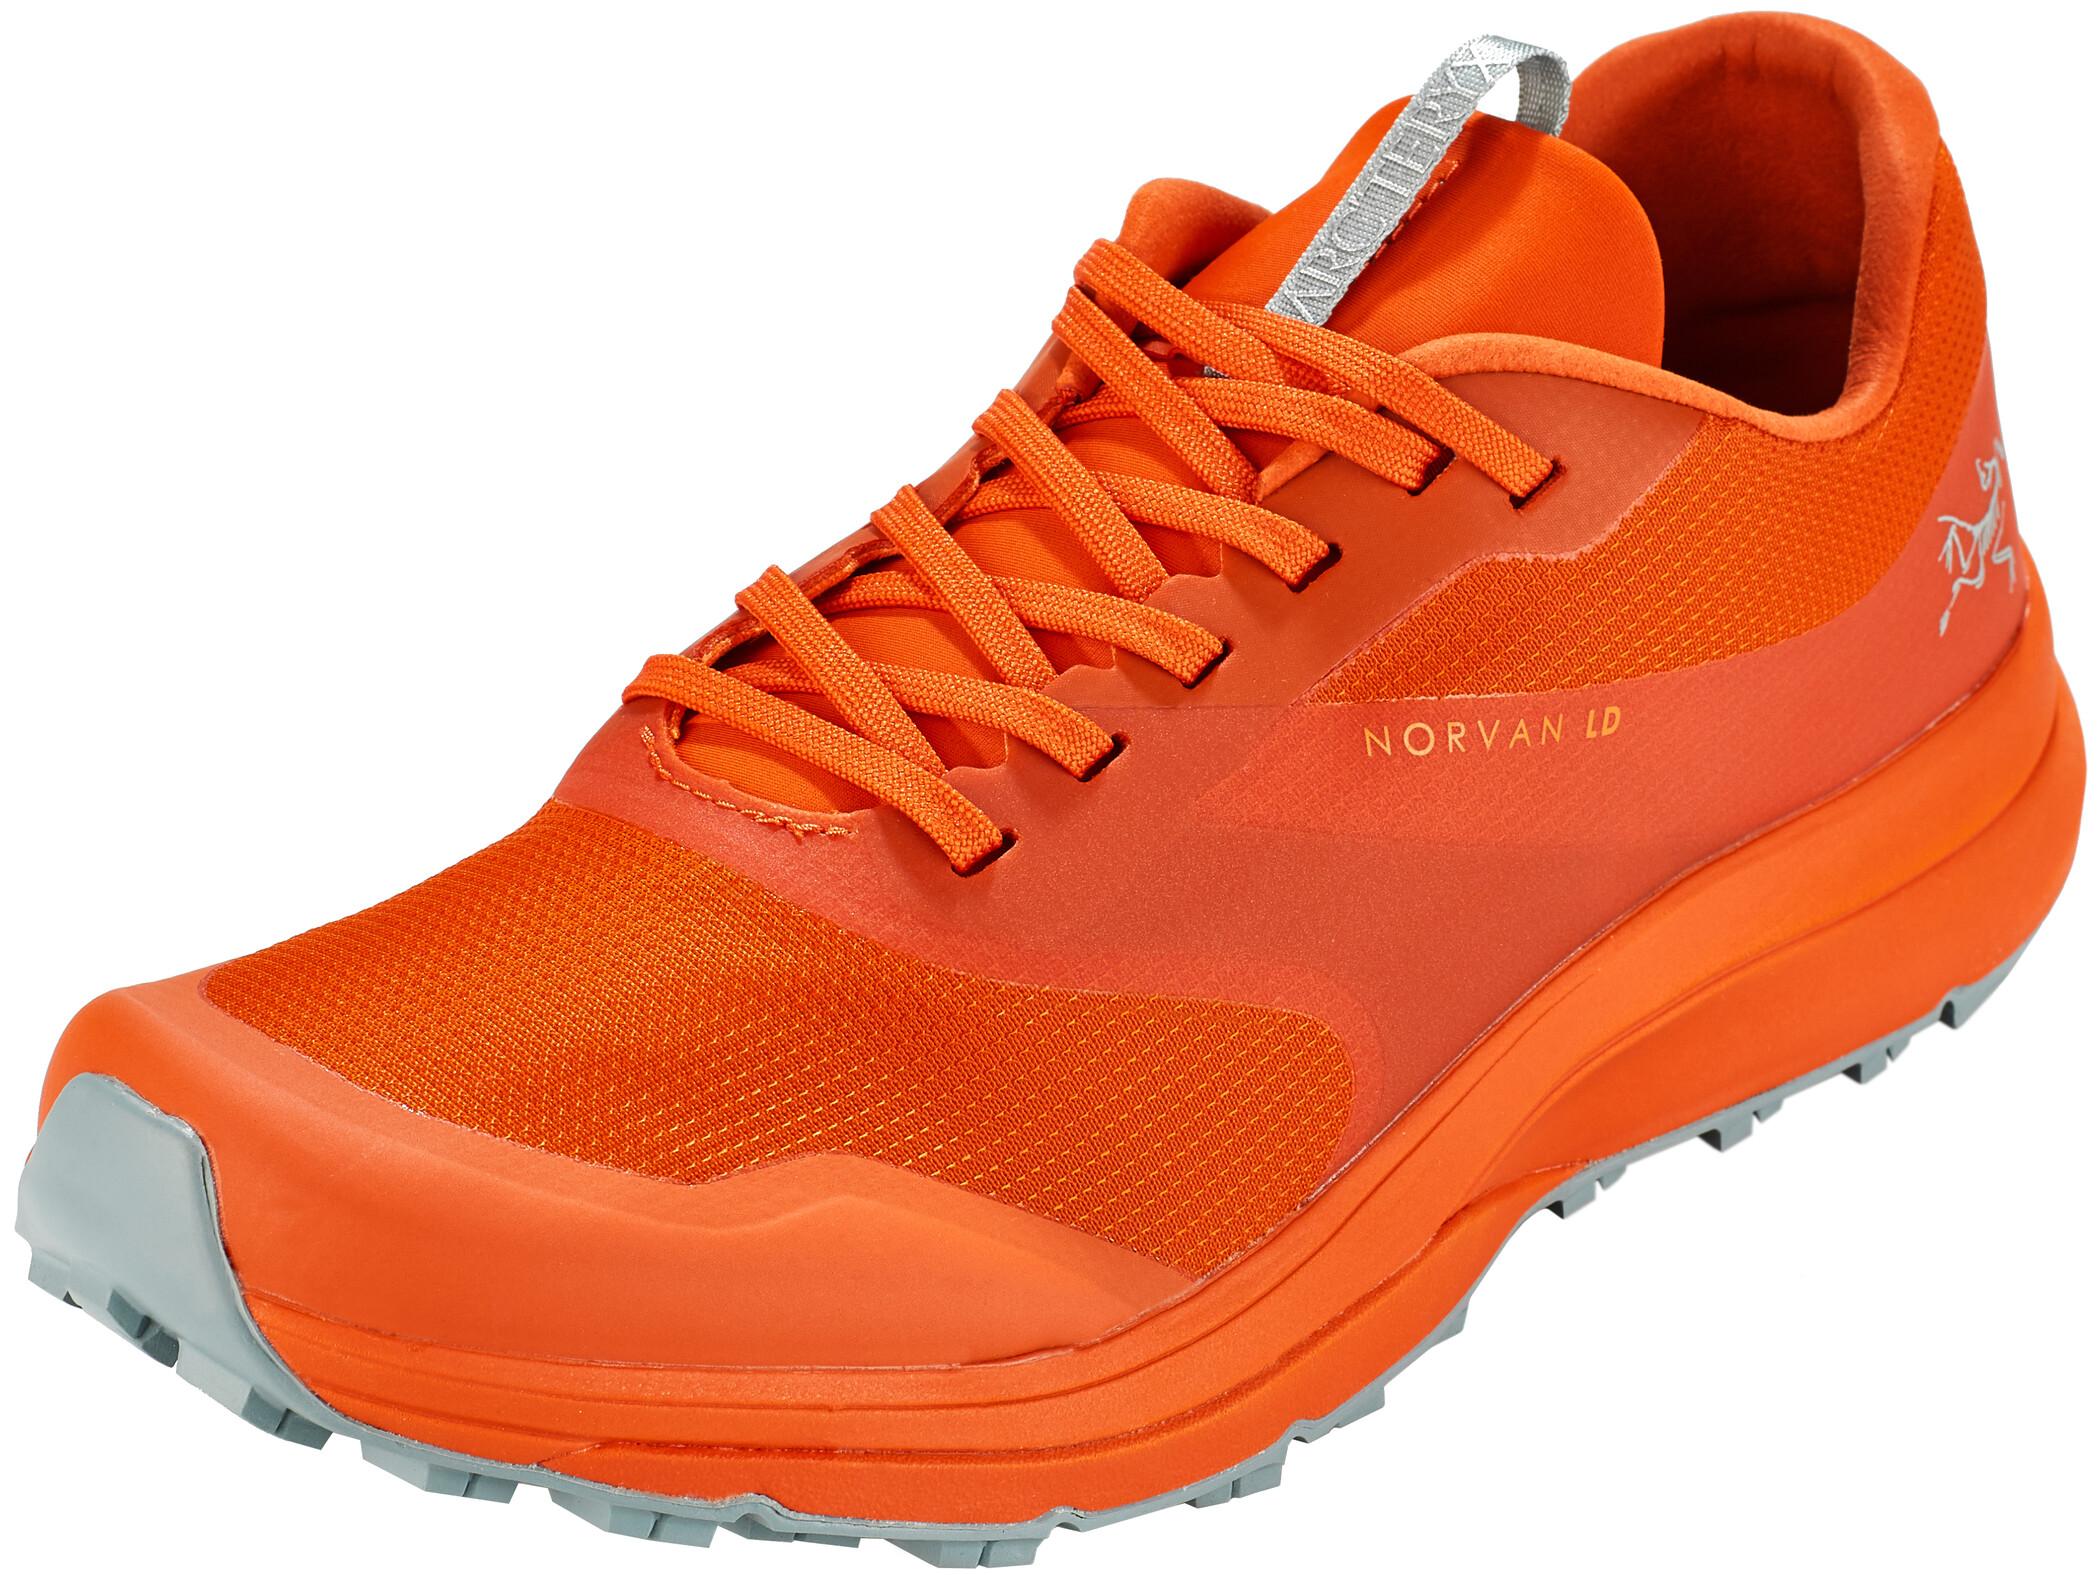 Arc'teryx Norvan LD Sko Herrer, trail blaze/robotica   Shoes and overlays